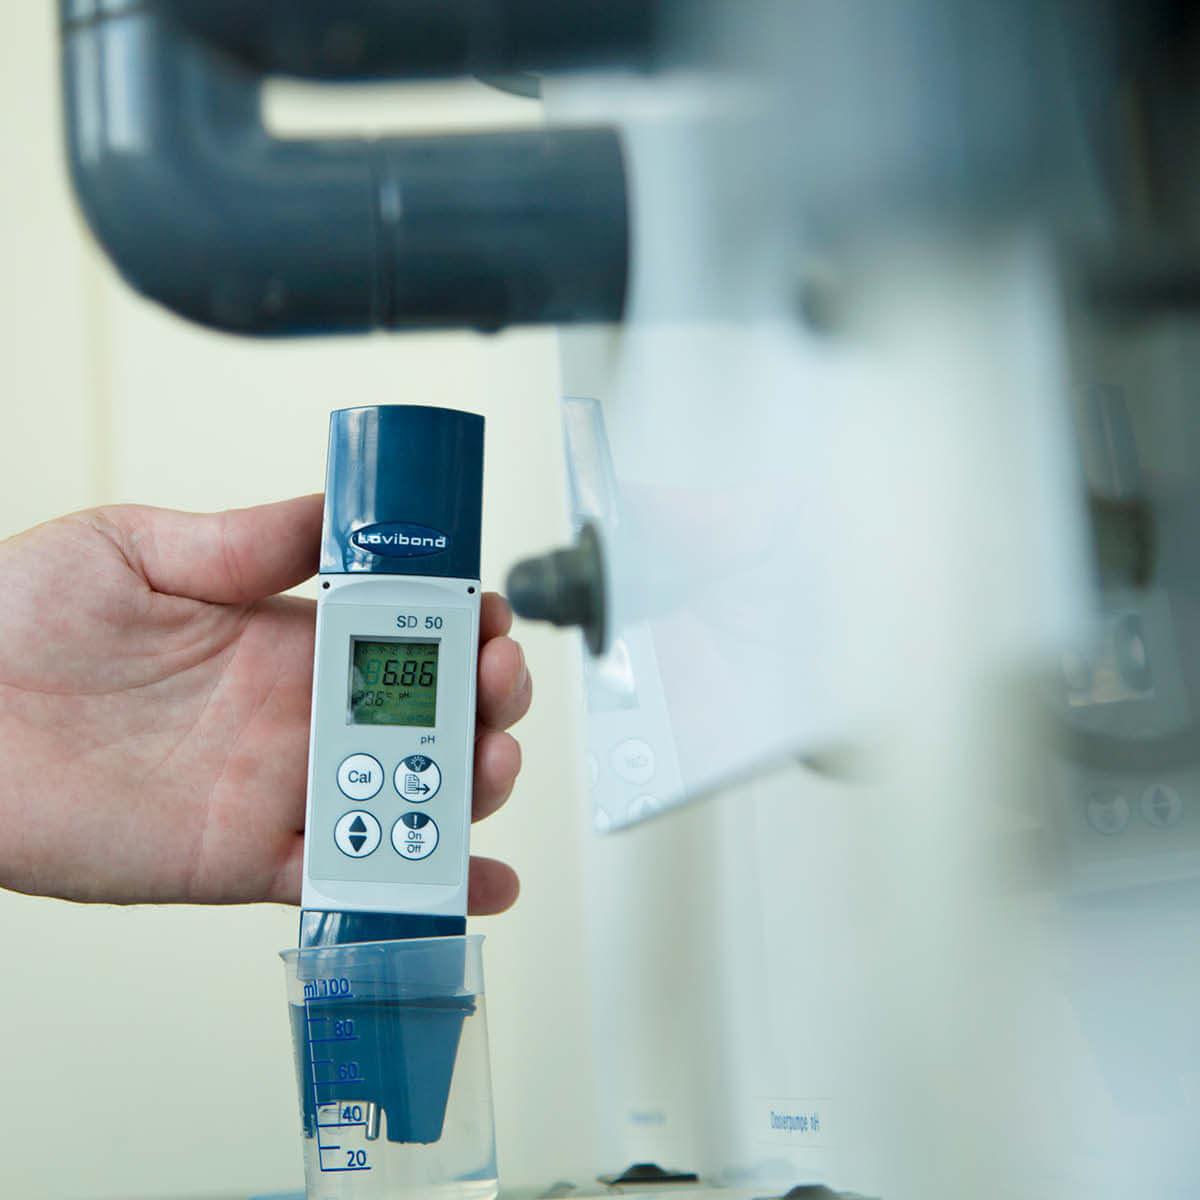 Tổng hợp một số thông tin cơ bản của bút đo pH